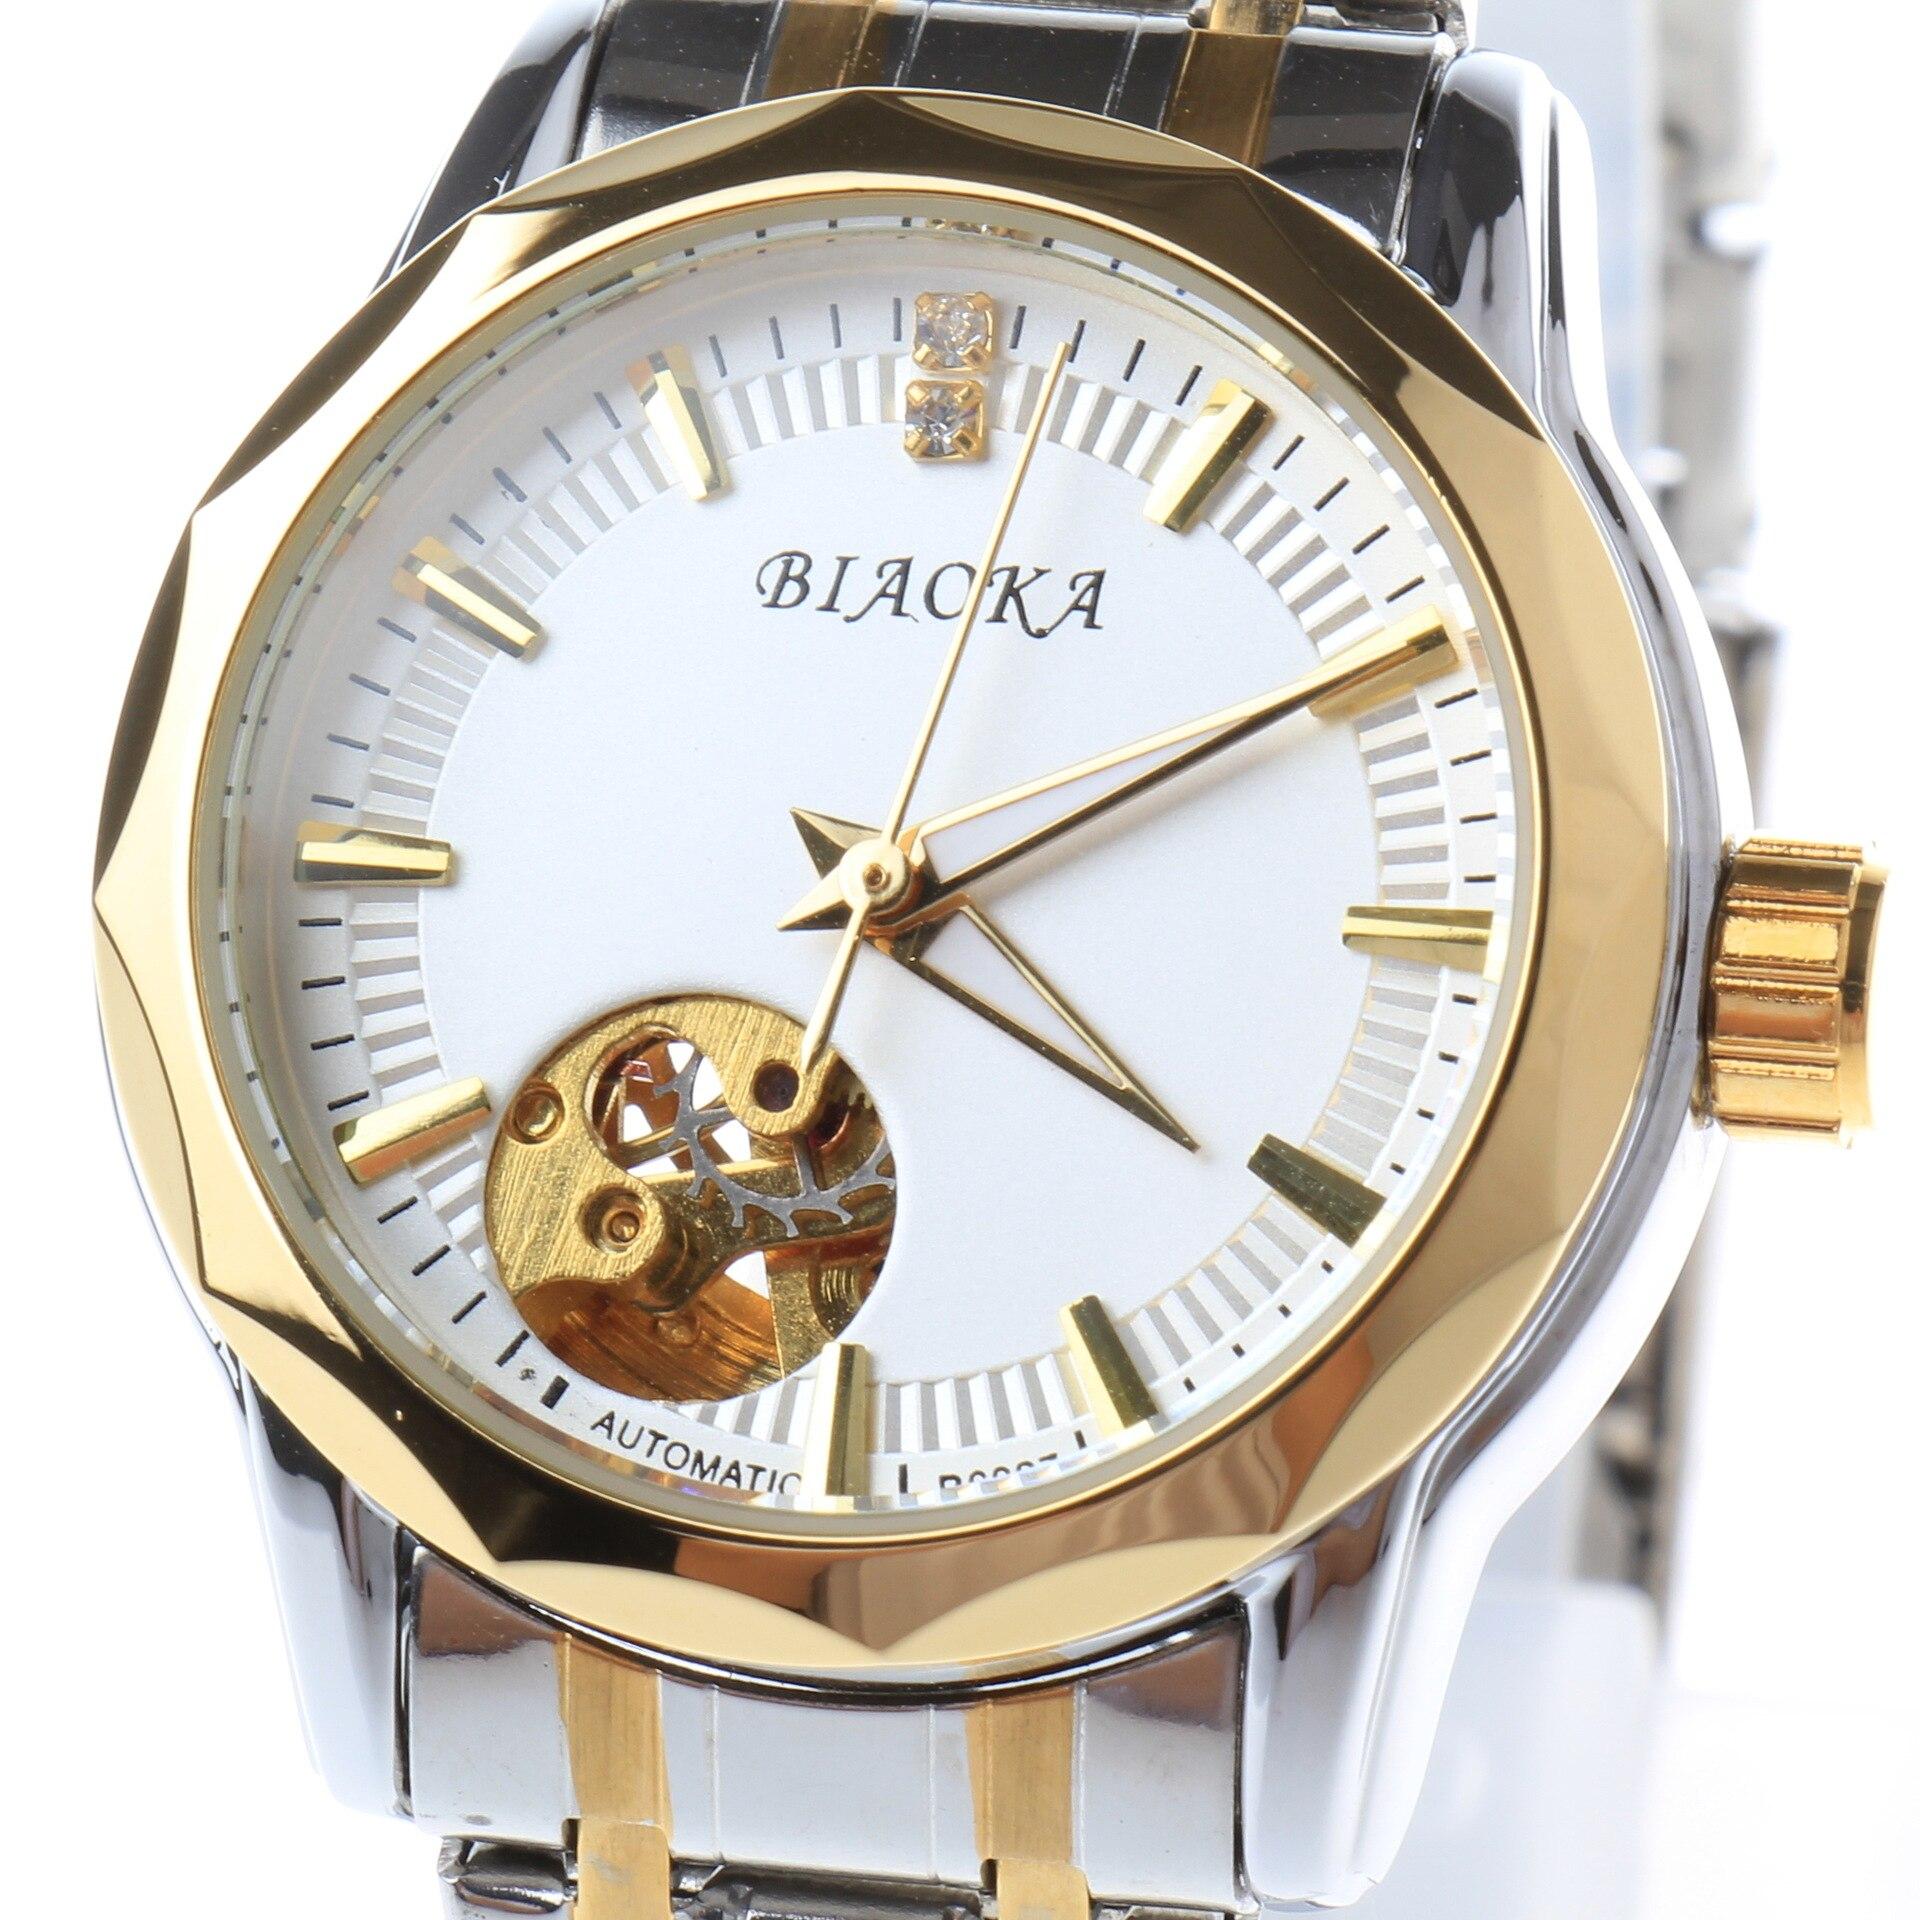 2018 New hollow steel strap watch women automatic mechanical watch women waterproof watch relogio femininos цена и фото